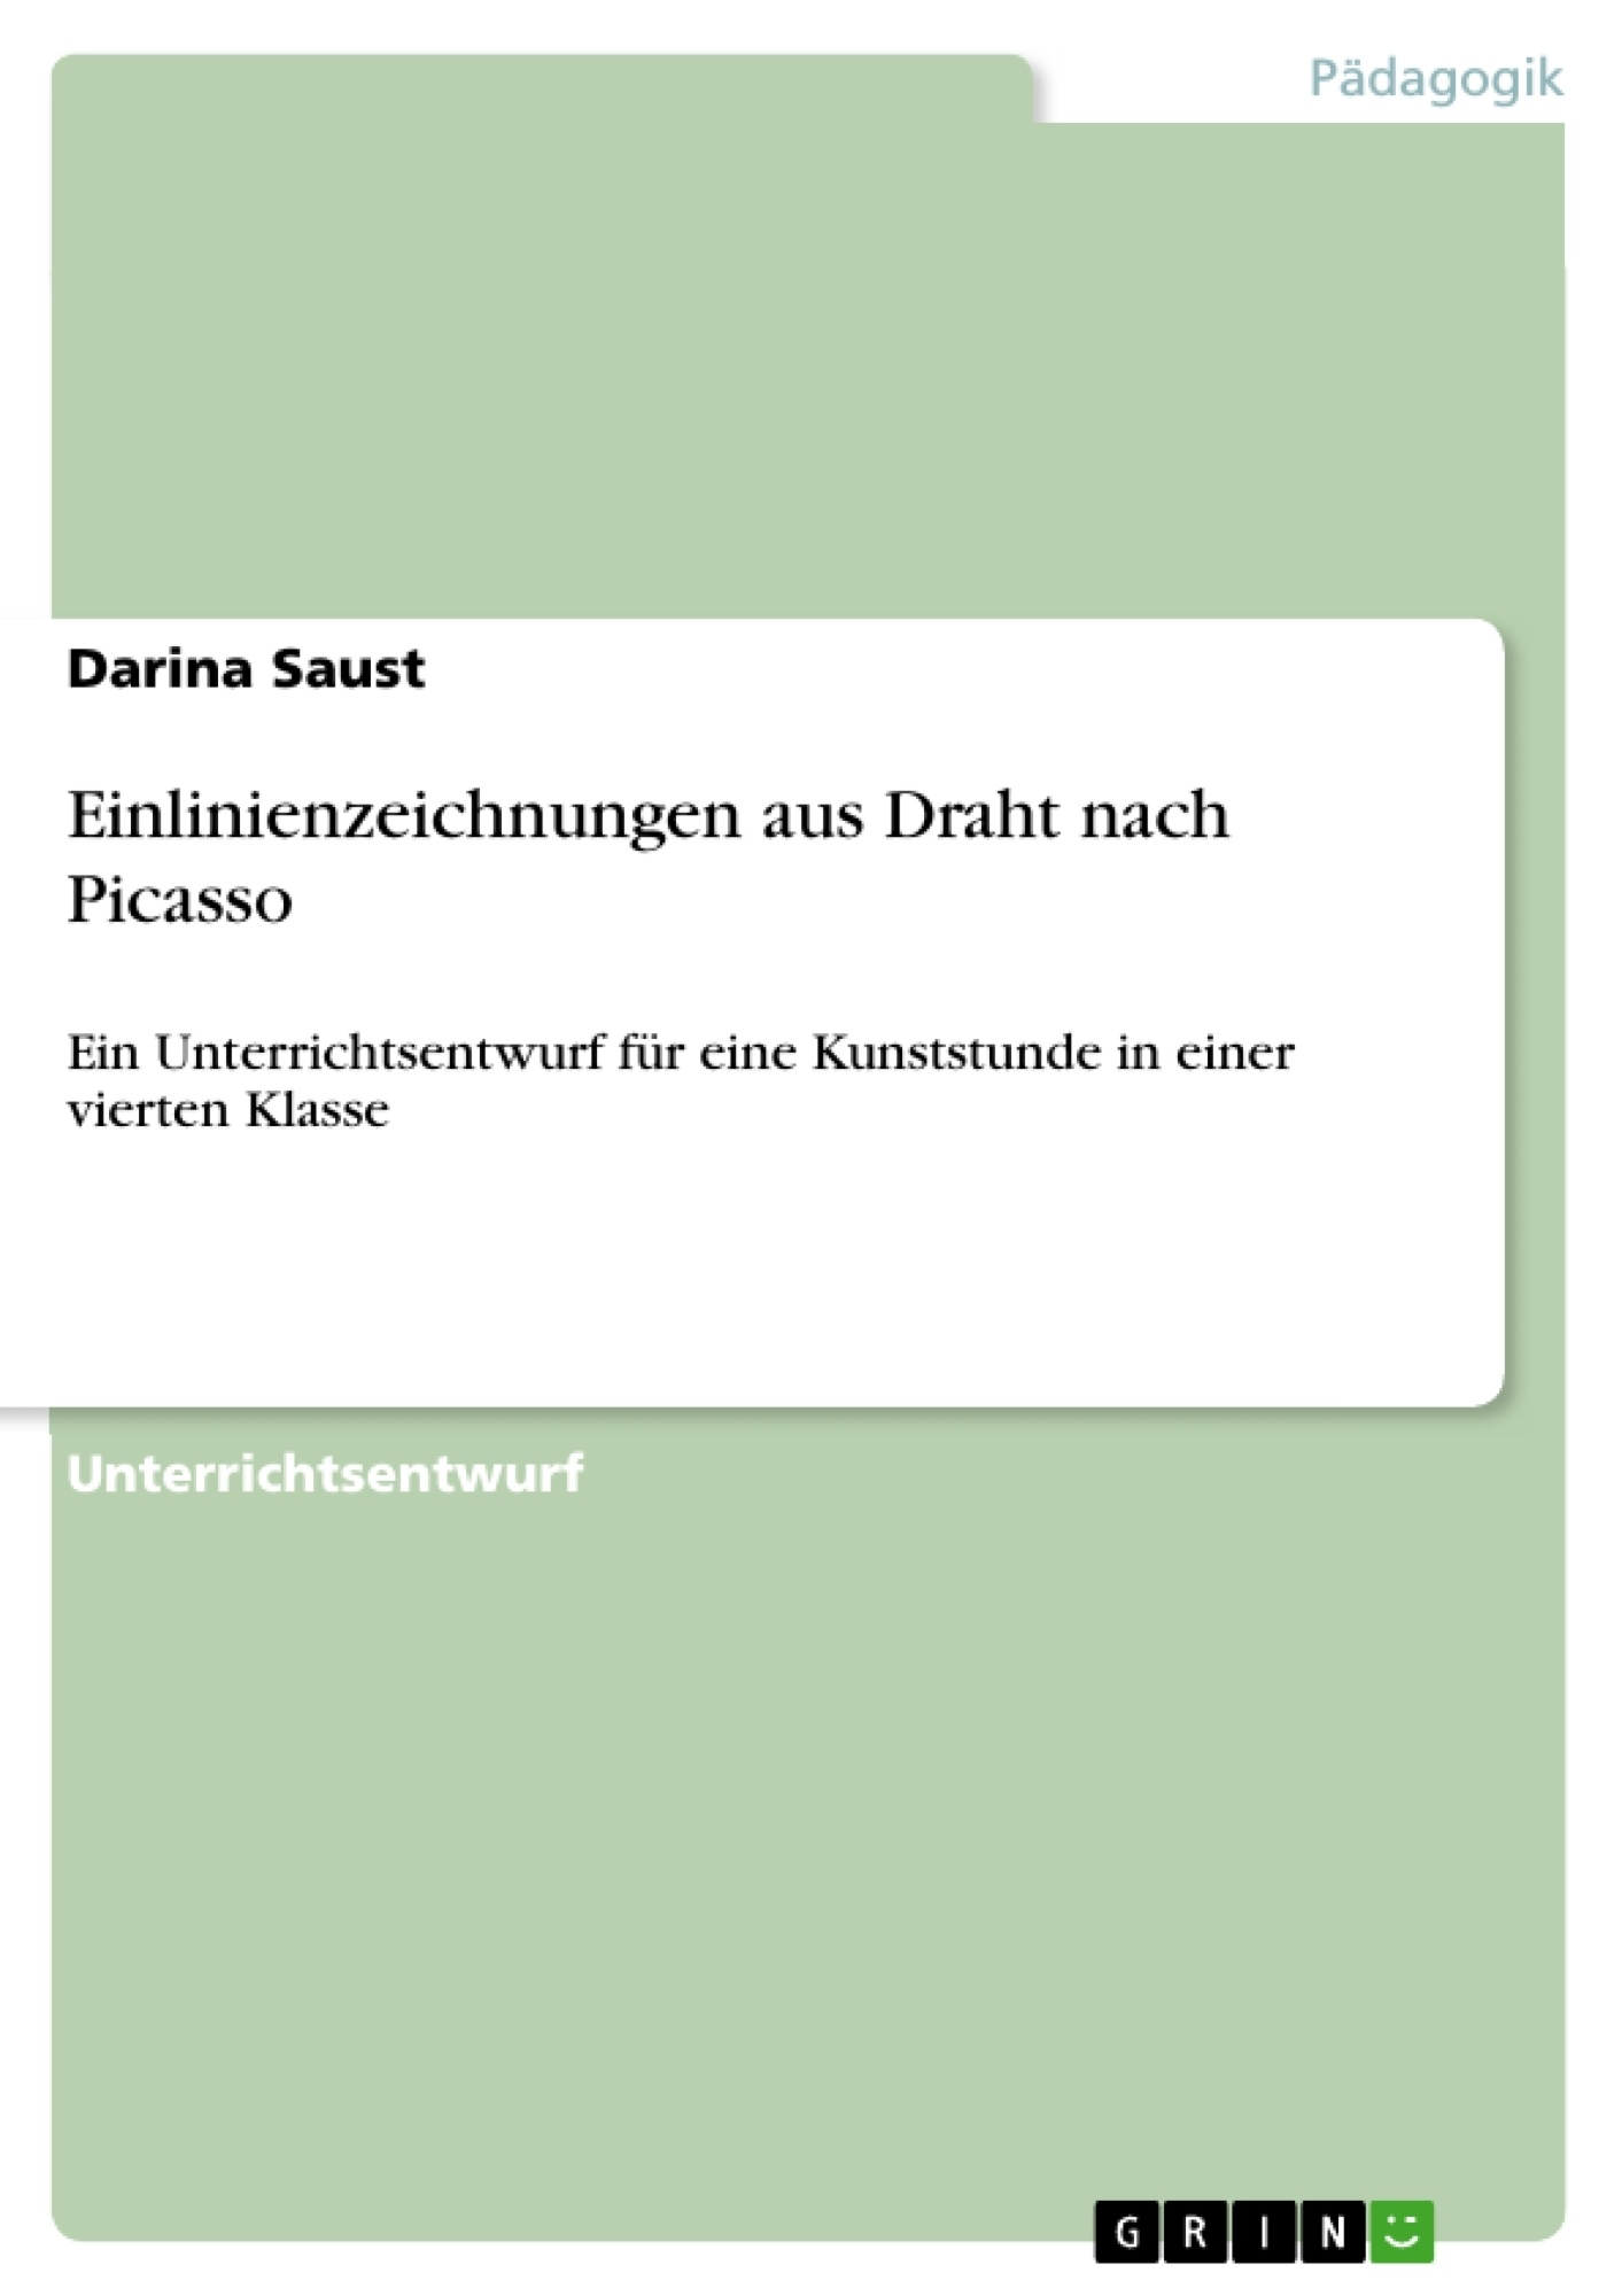 Titel: Einlinienzeichnungen aus Draht nach Picasso